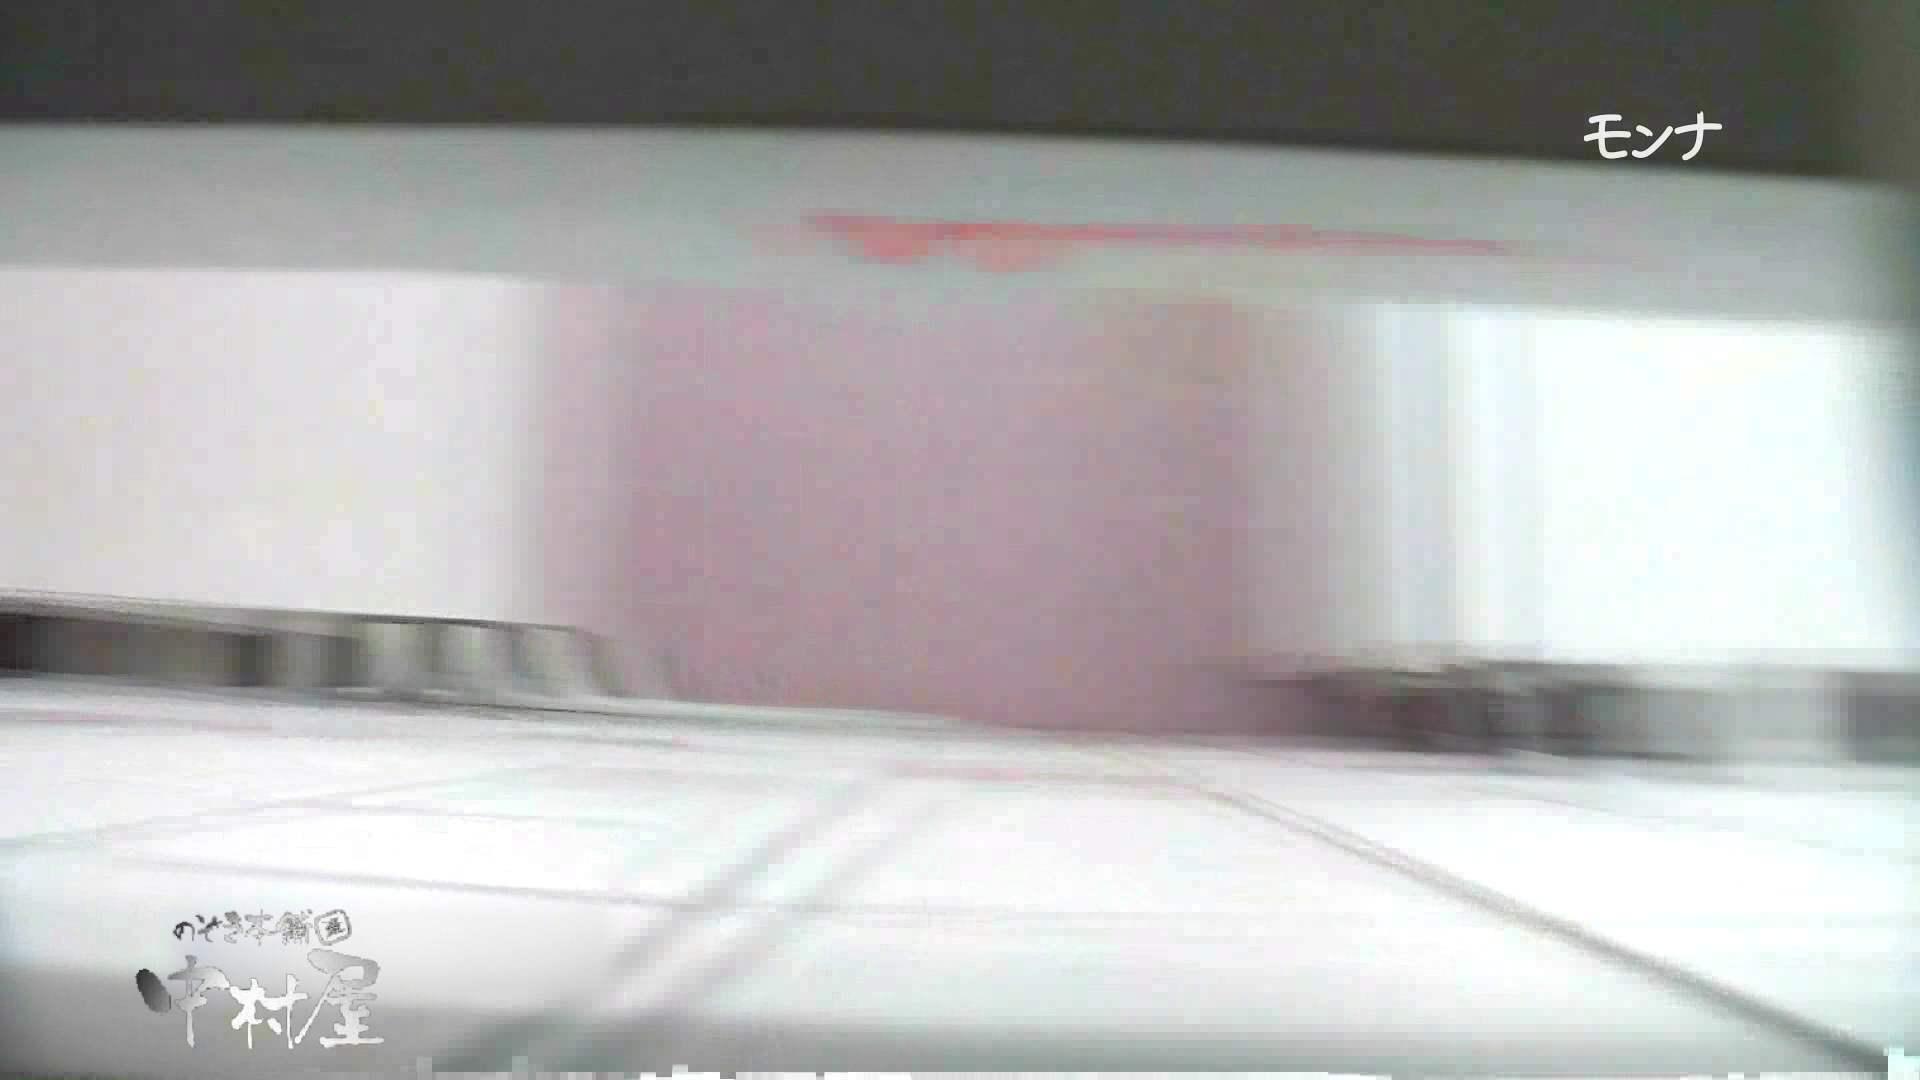 【美しい日本の未来】遂に!!戸田恵梨香似の予告モデル登場ダッシュで「大」後編 Hなモデル  105pic 96